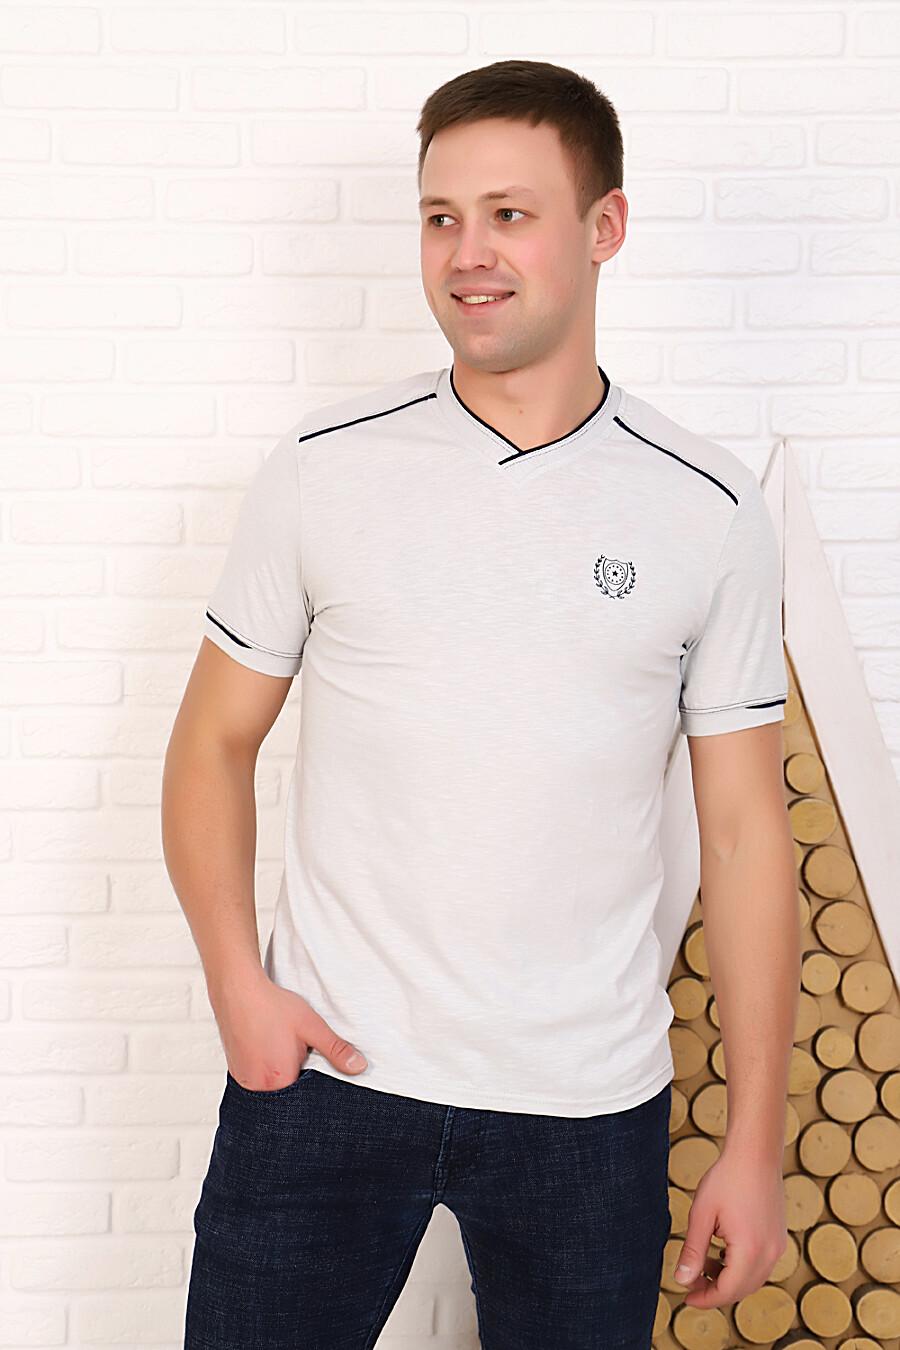 Футболка 5963 для мужчин НАТАЛИ 682490 купить оптом от производителя. Совместная покупка мужской одежды в OptMoyo